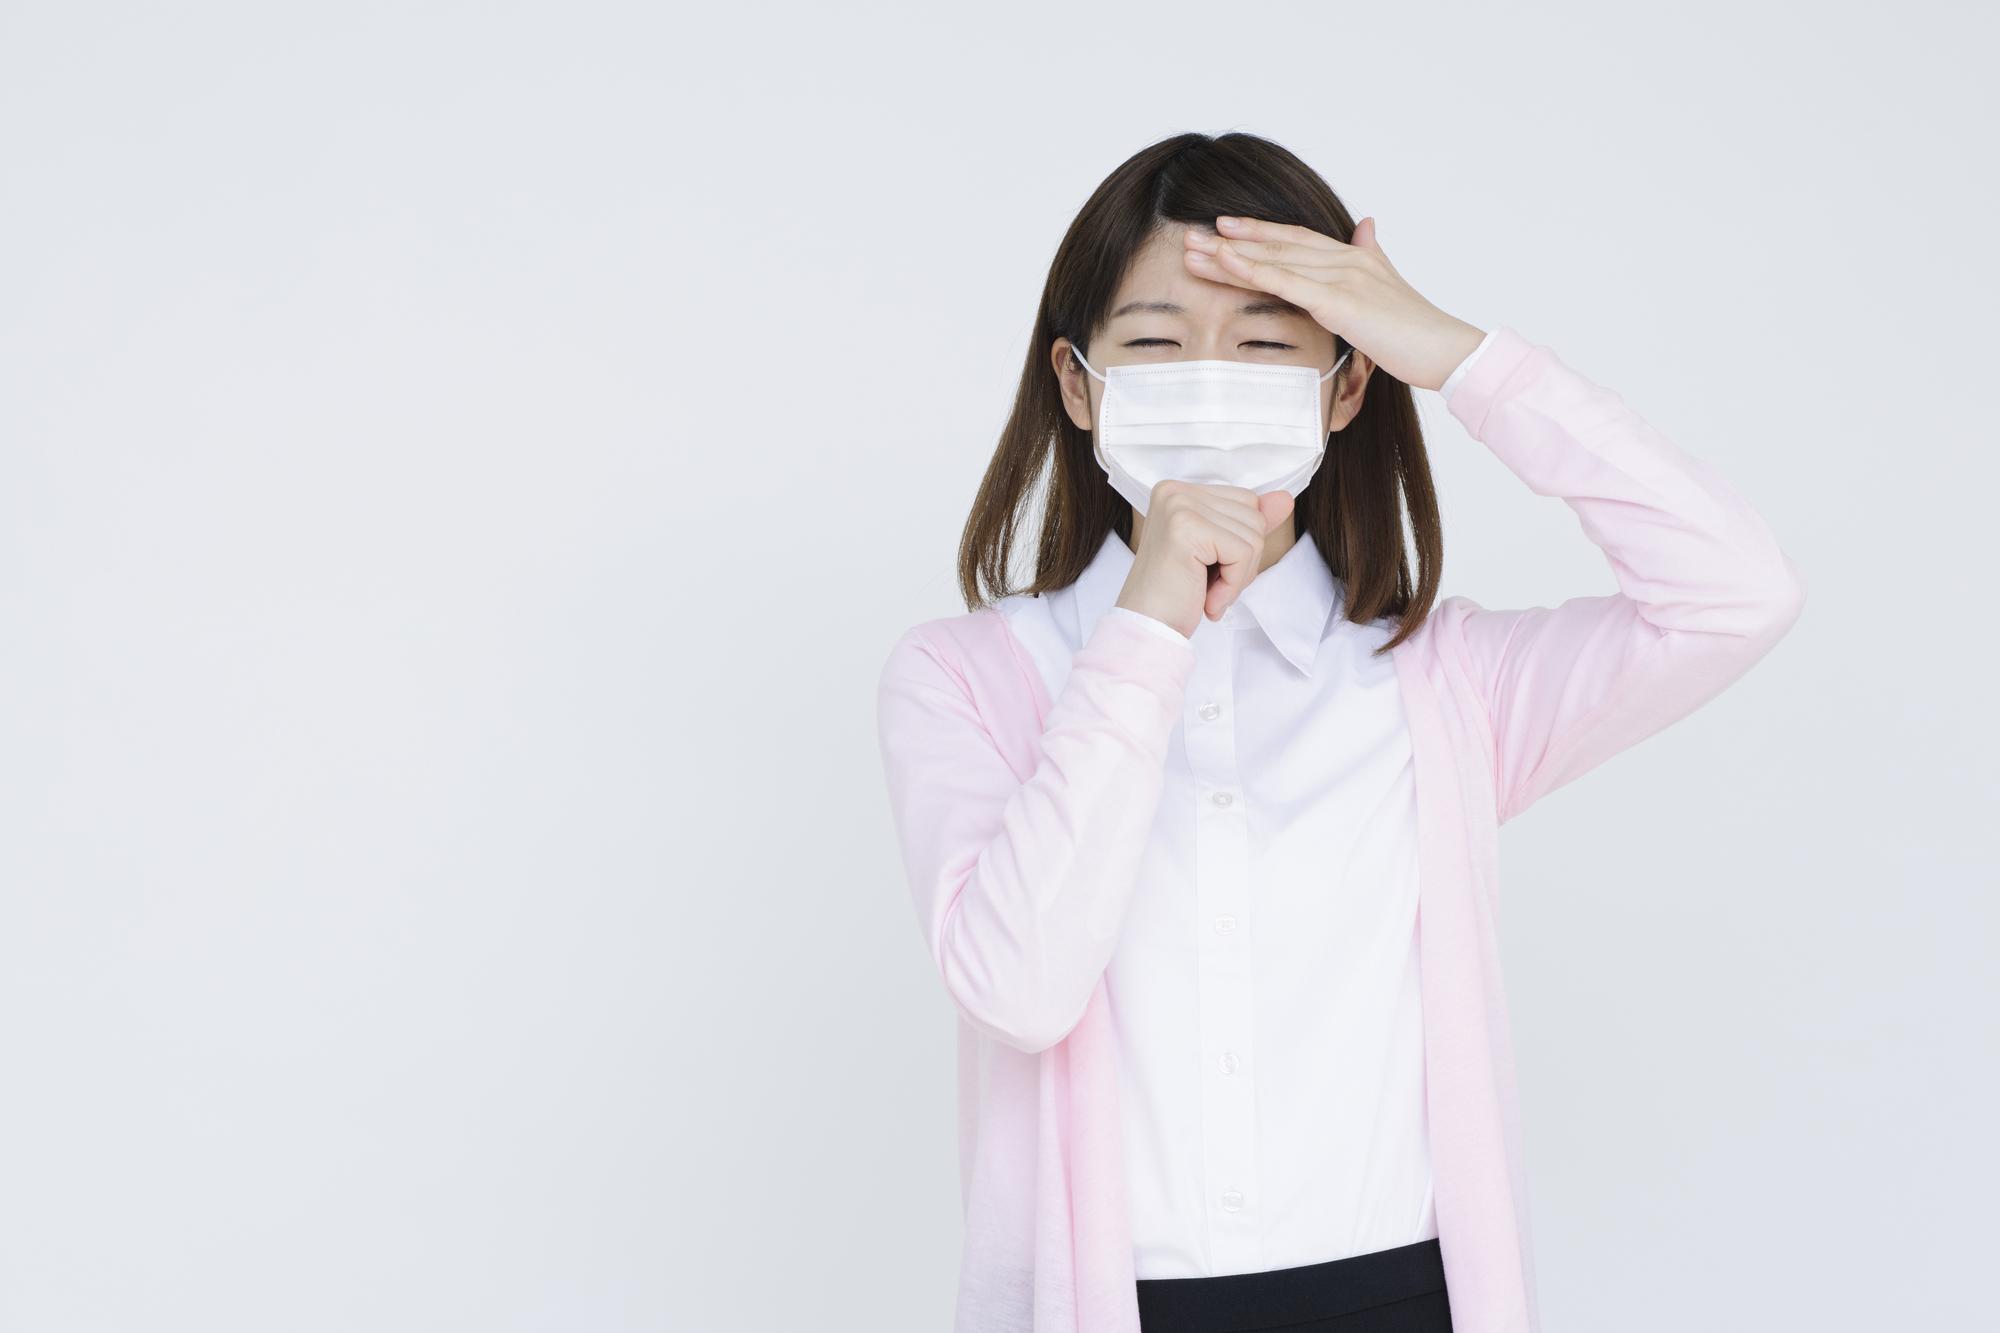 インフルエンザの潜伏期間はいつからいつまで? どんな症状がでるの?